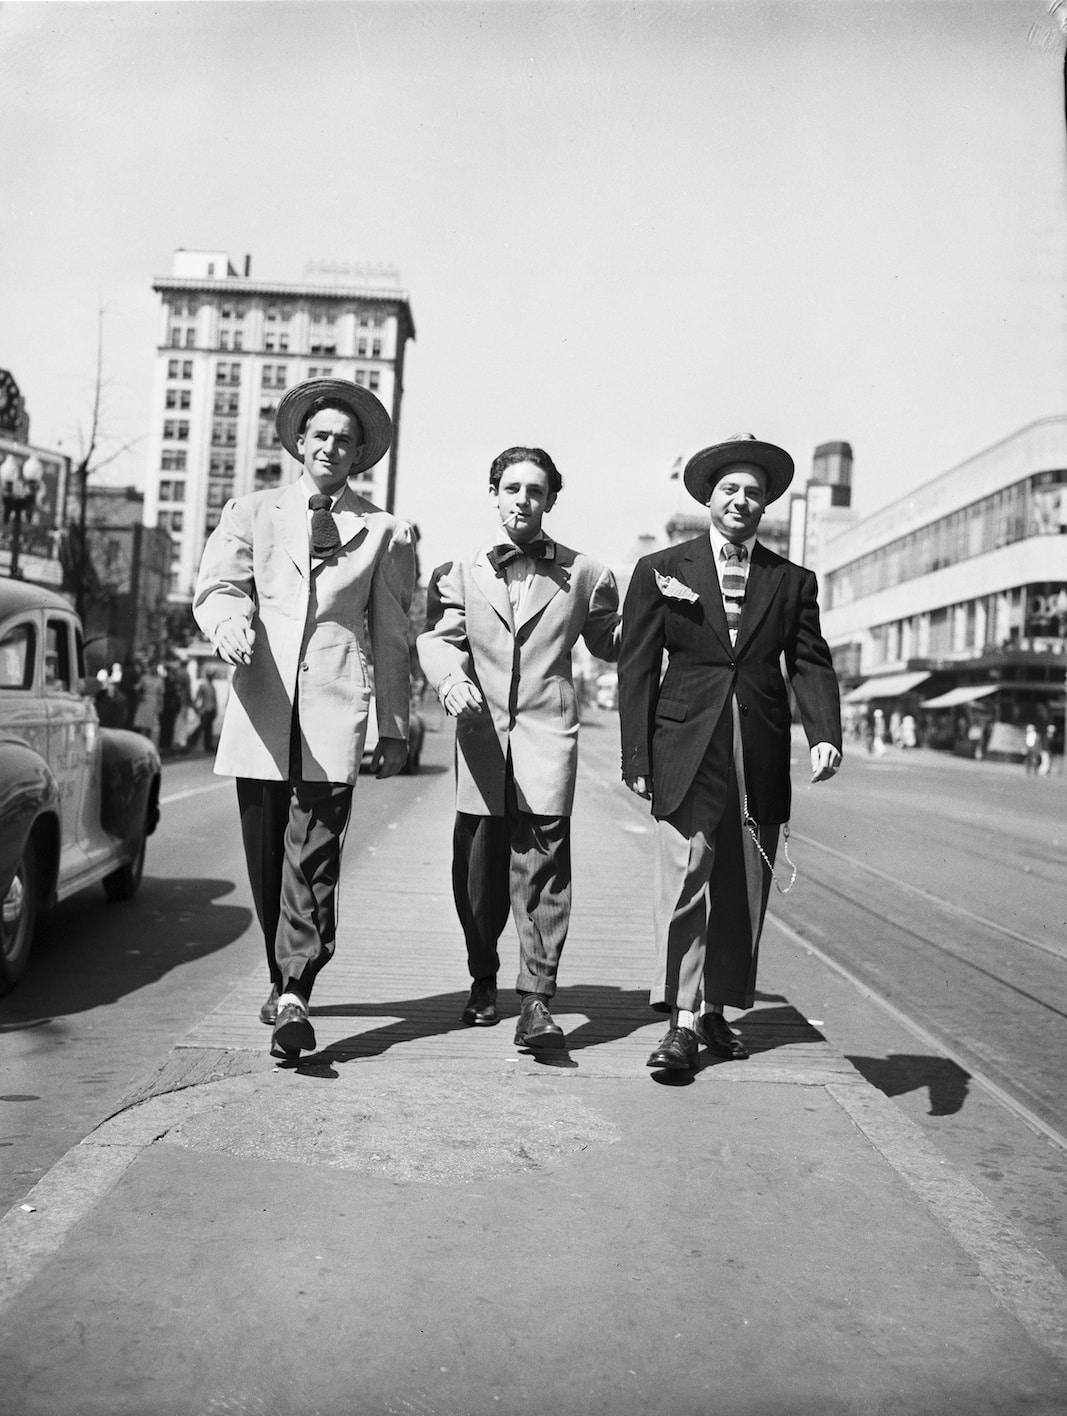 tres hombres portando diferentes composiciones de 'zoot suit',, en 1946, en un lugar indeterminado de EEUU. FOTOGRAFÍA: OLLIE ATKINS